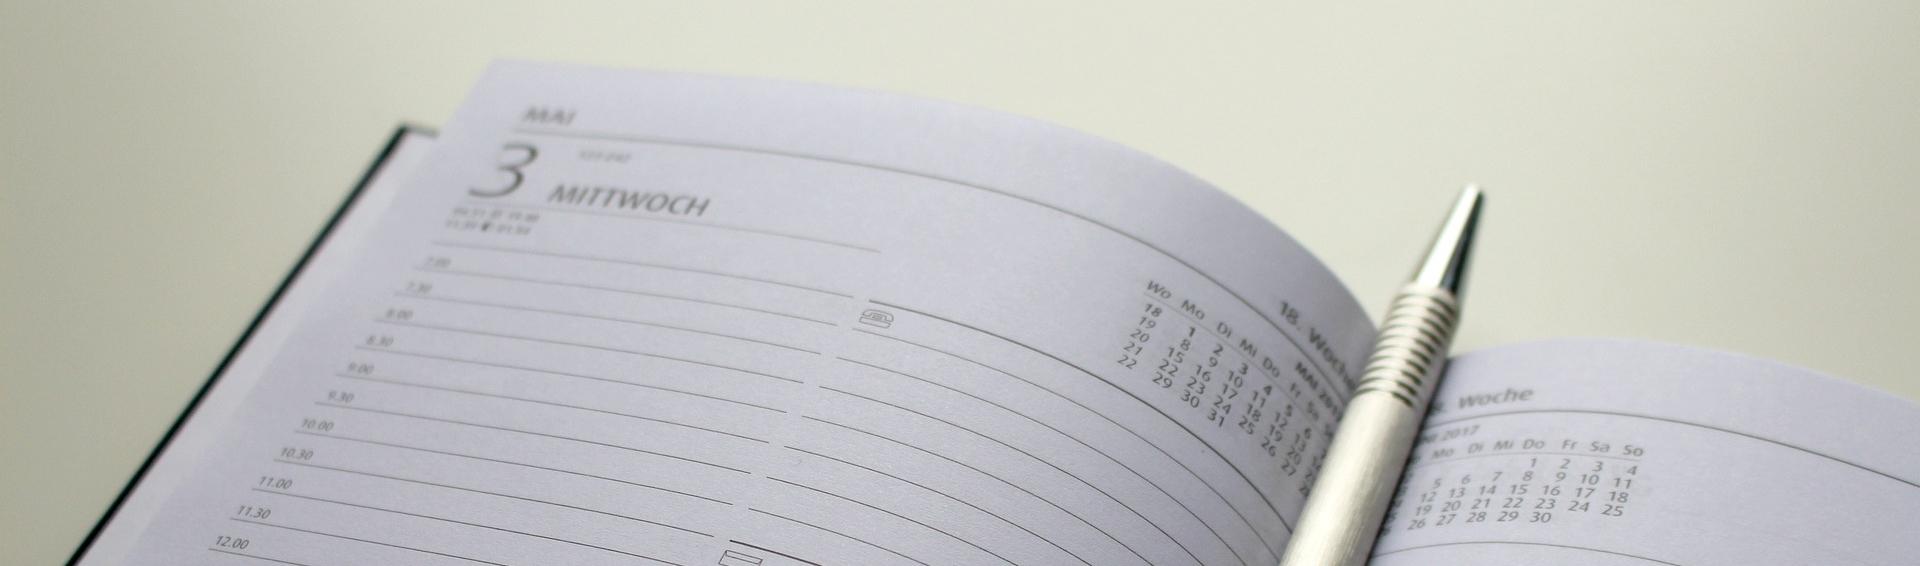 Kalender mit Kuli